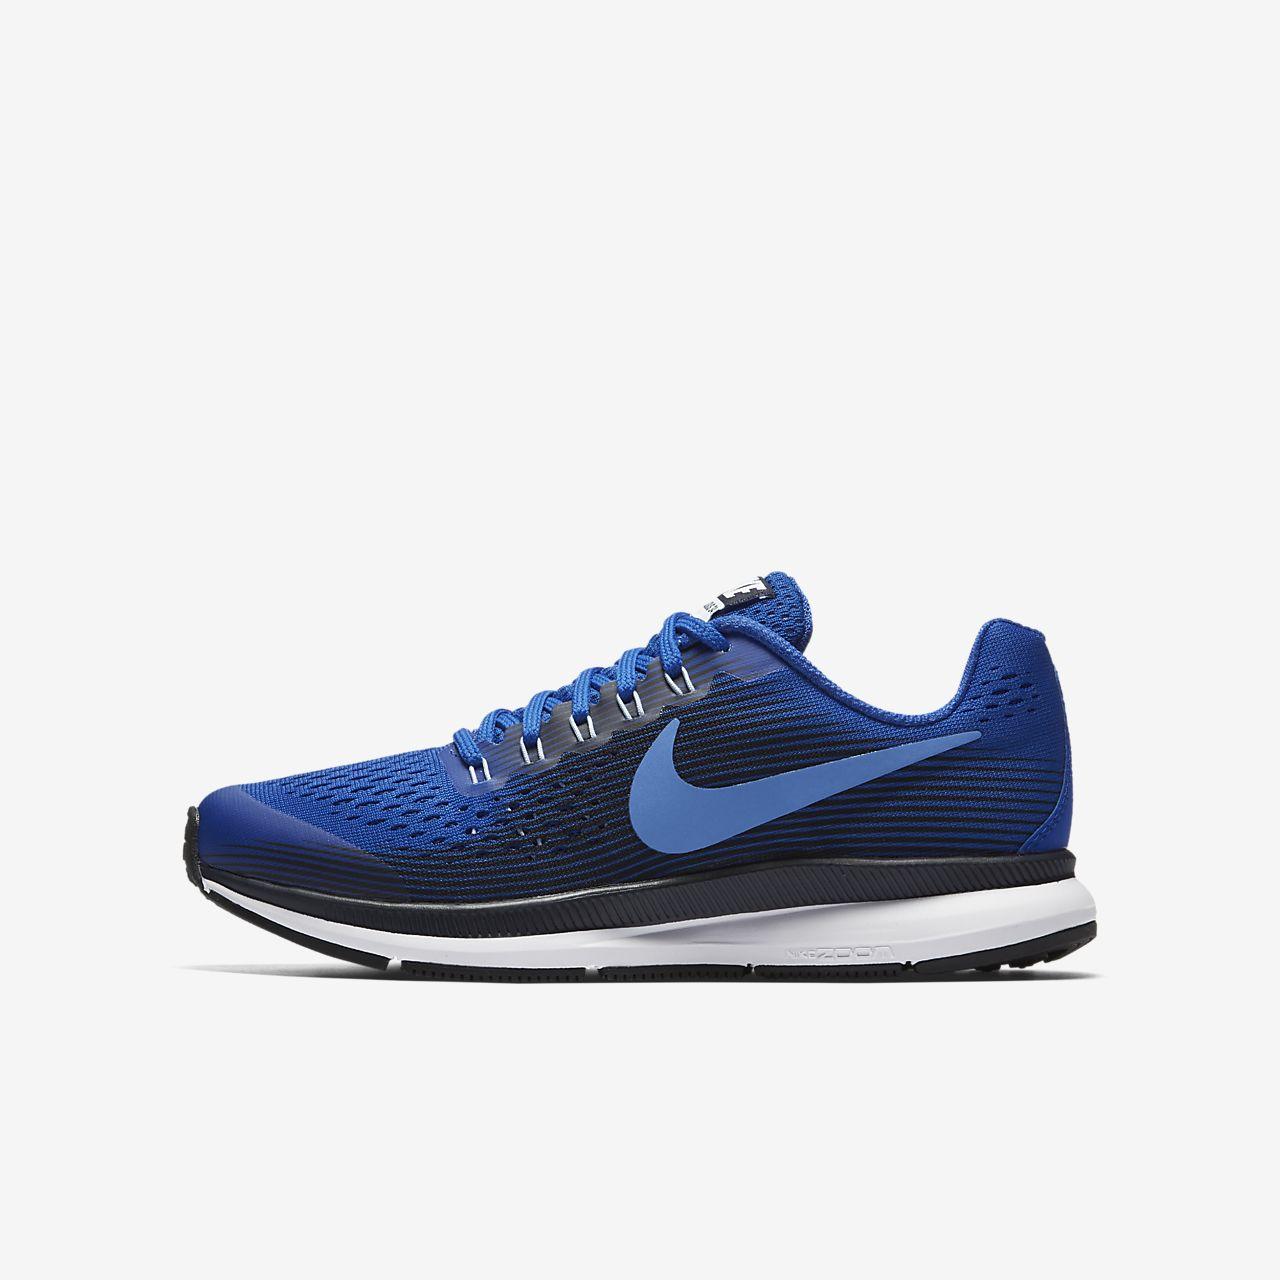 89efe200a Nike Zoom Pegasus 34 Zapatillas de running - Niño a. Nike.com ES